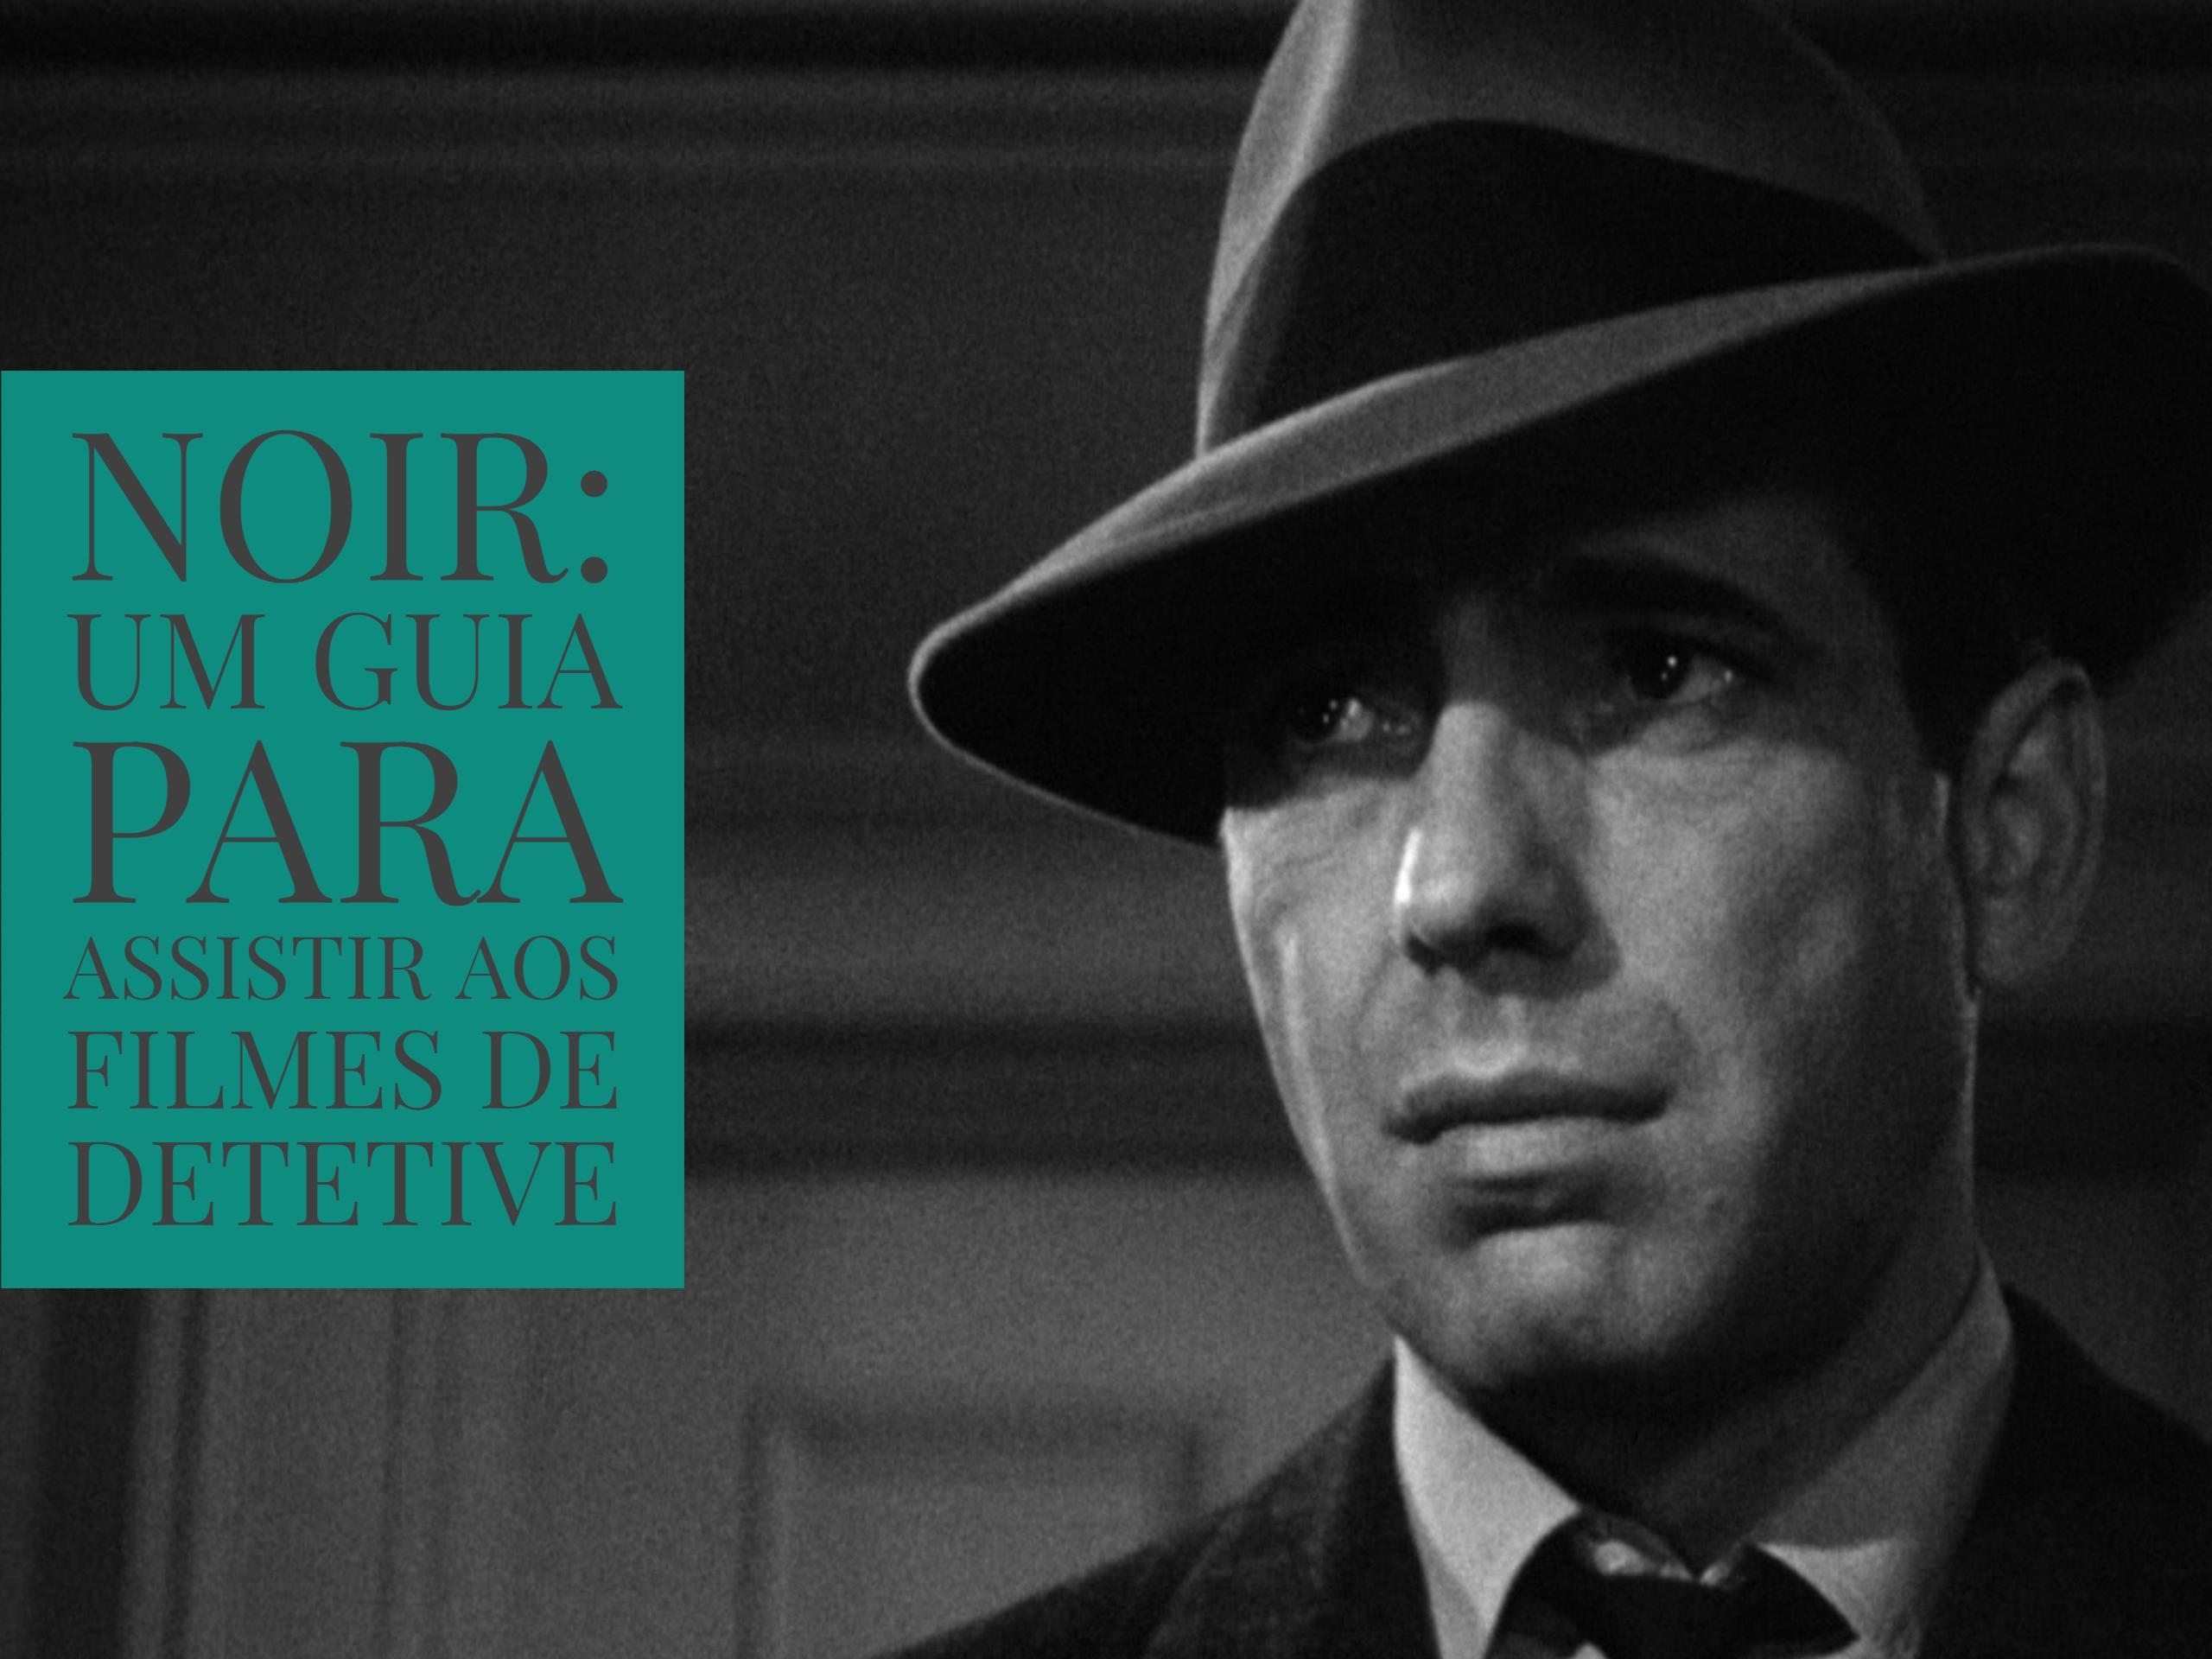 Noir: Um guia para assistir aos filmes de detetive